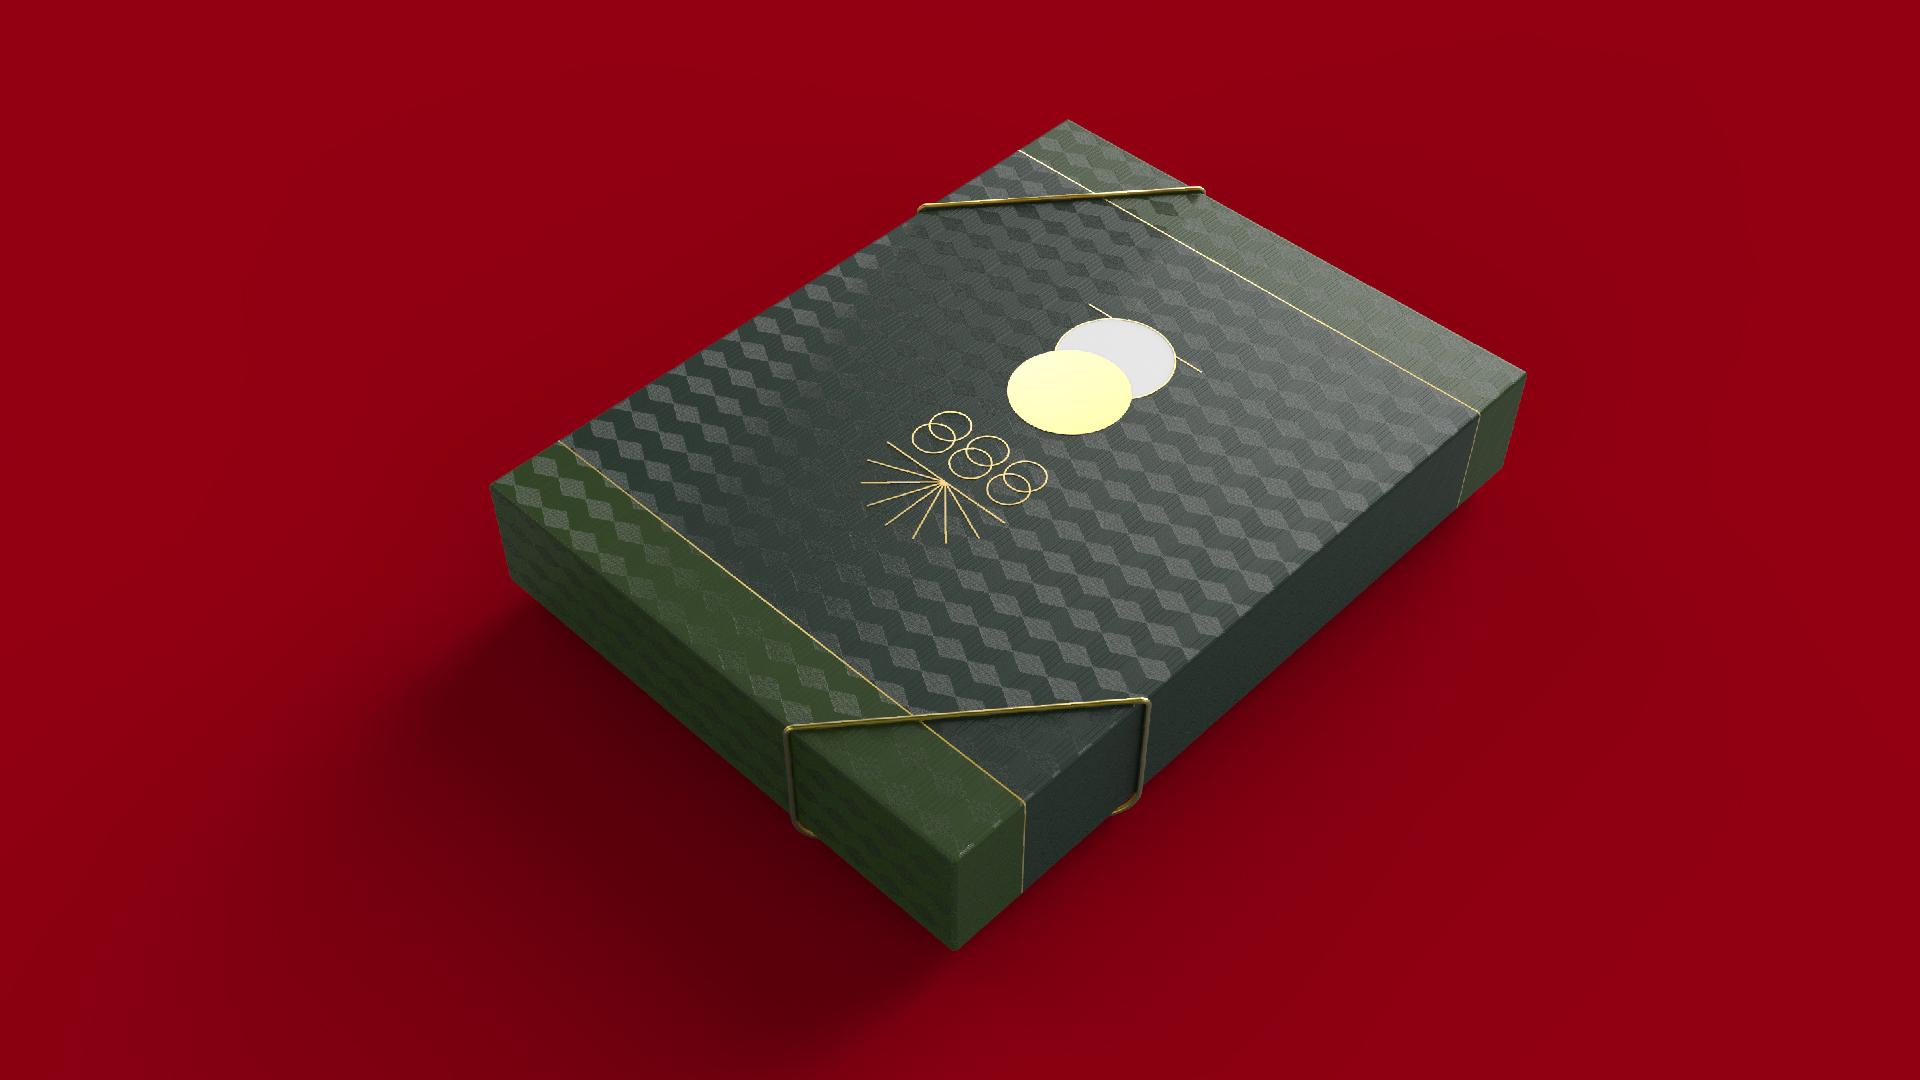 組合02 「禾乃川 x 御鼎興 x 新旺集瓷」 聯名禮盒 | 禾乃川國產豆製所 | 改變生命的豆漿店